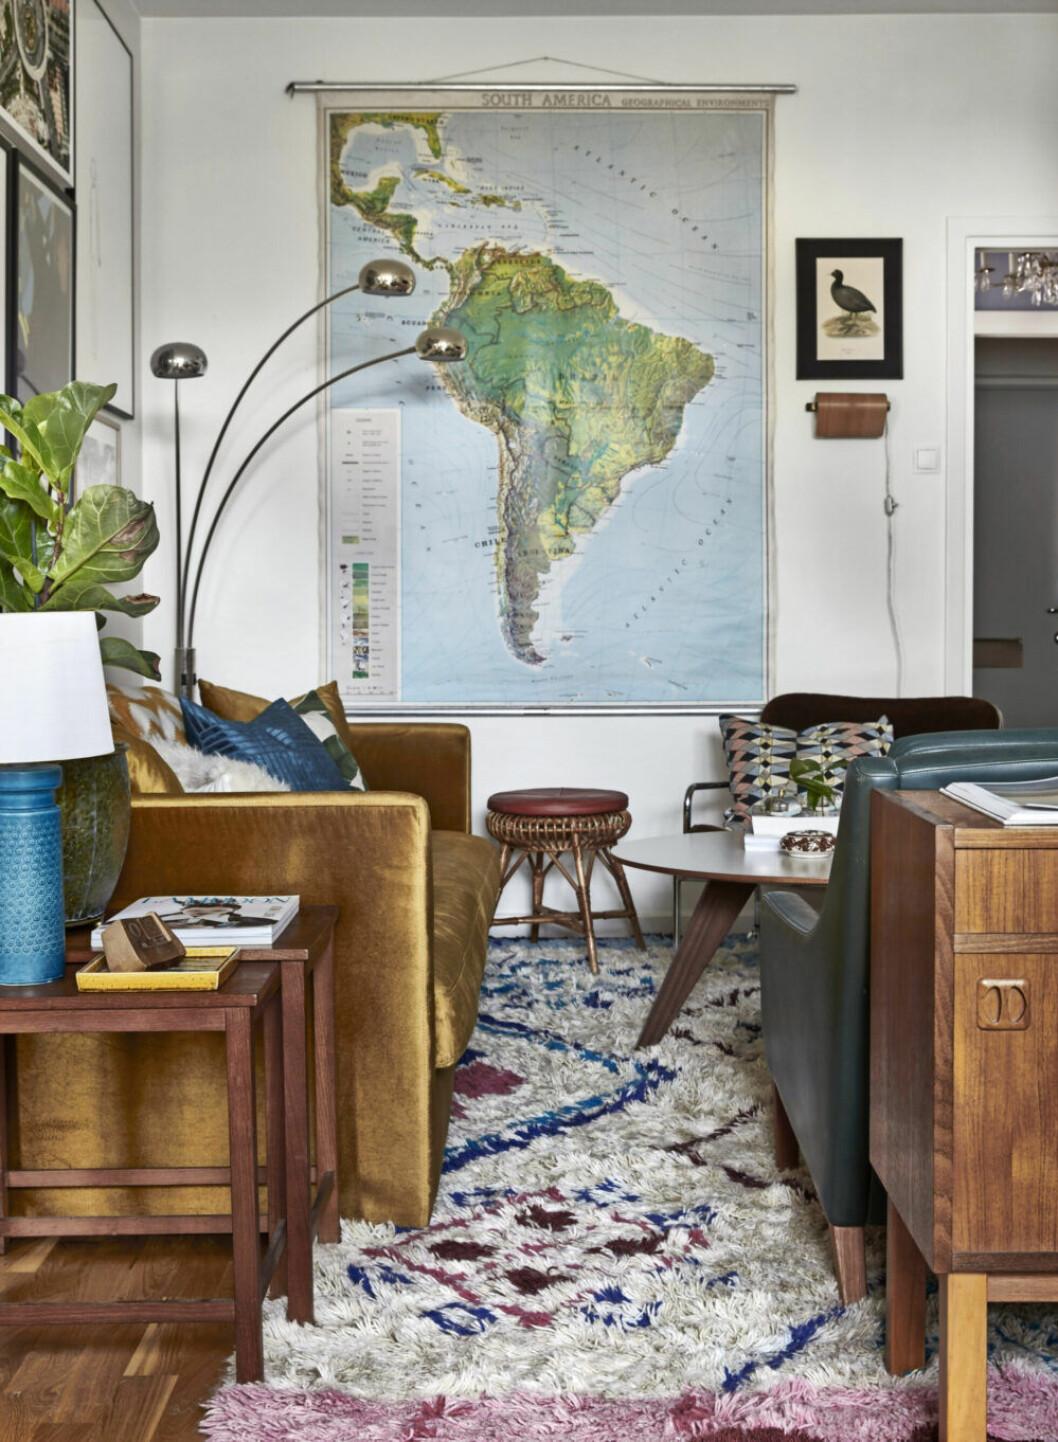 Karta över Sydamerika hängandes vid soffan i vardagsrummet